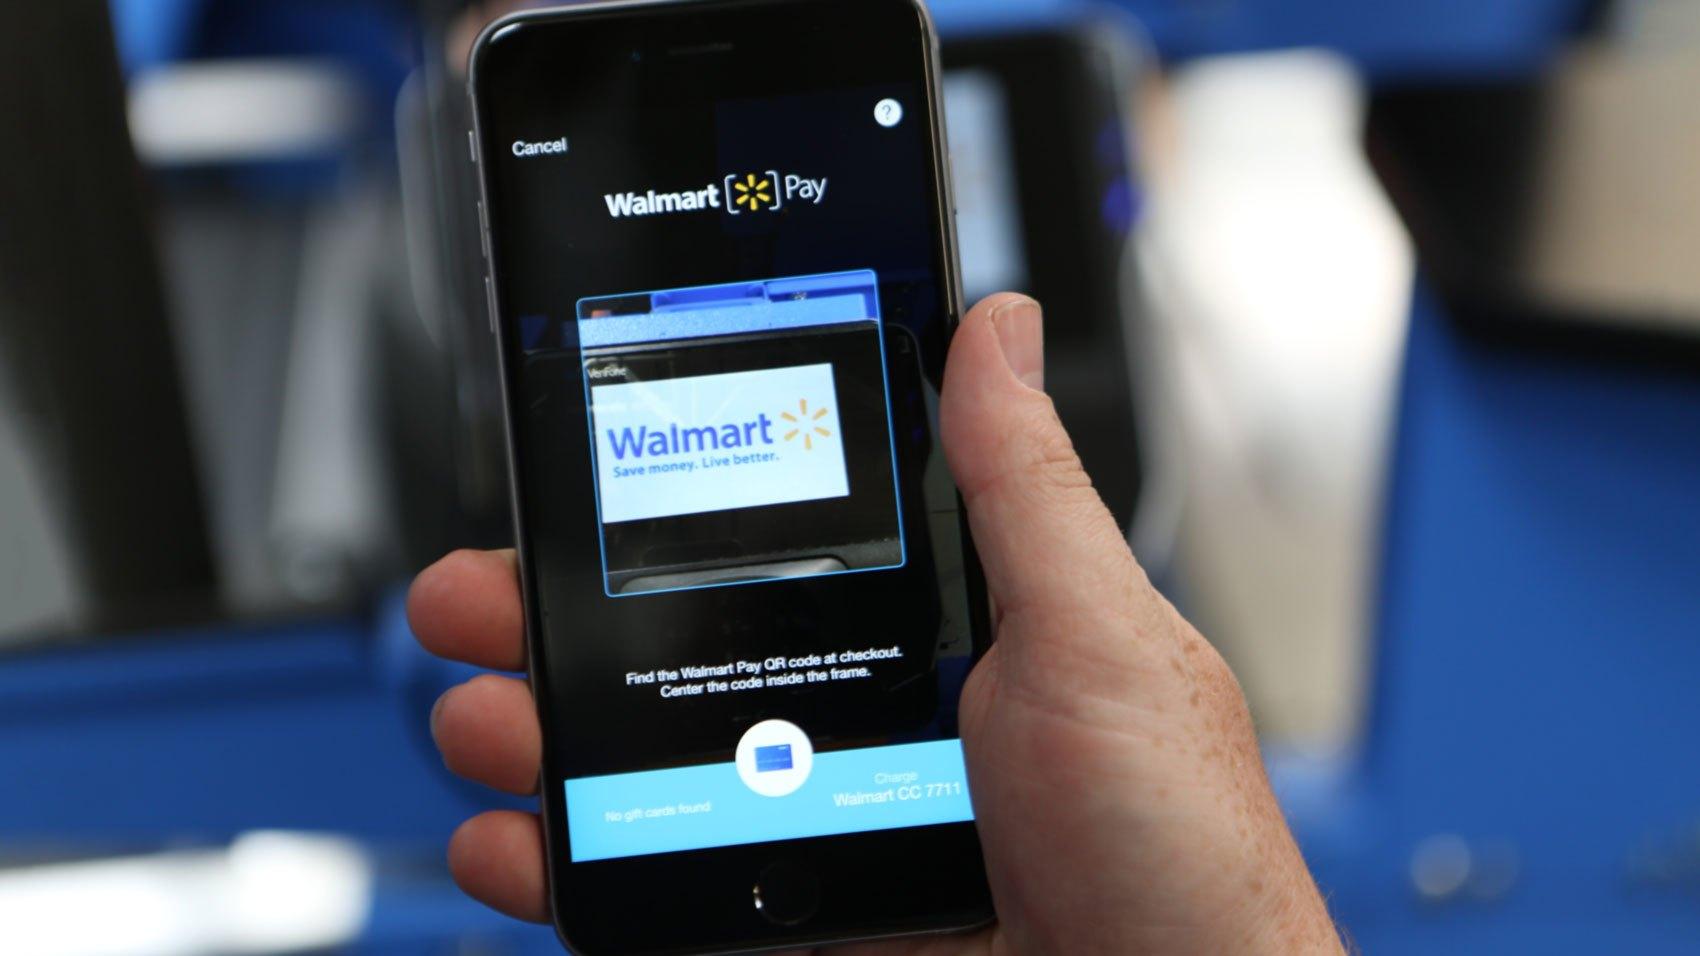 Digital Citizenship/walmart-pay-screen.jpg